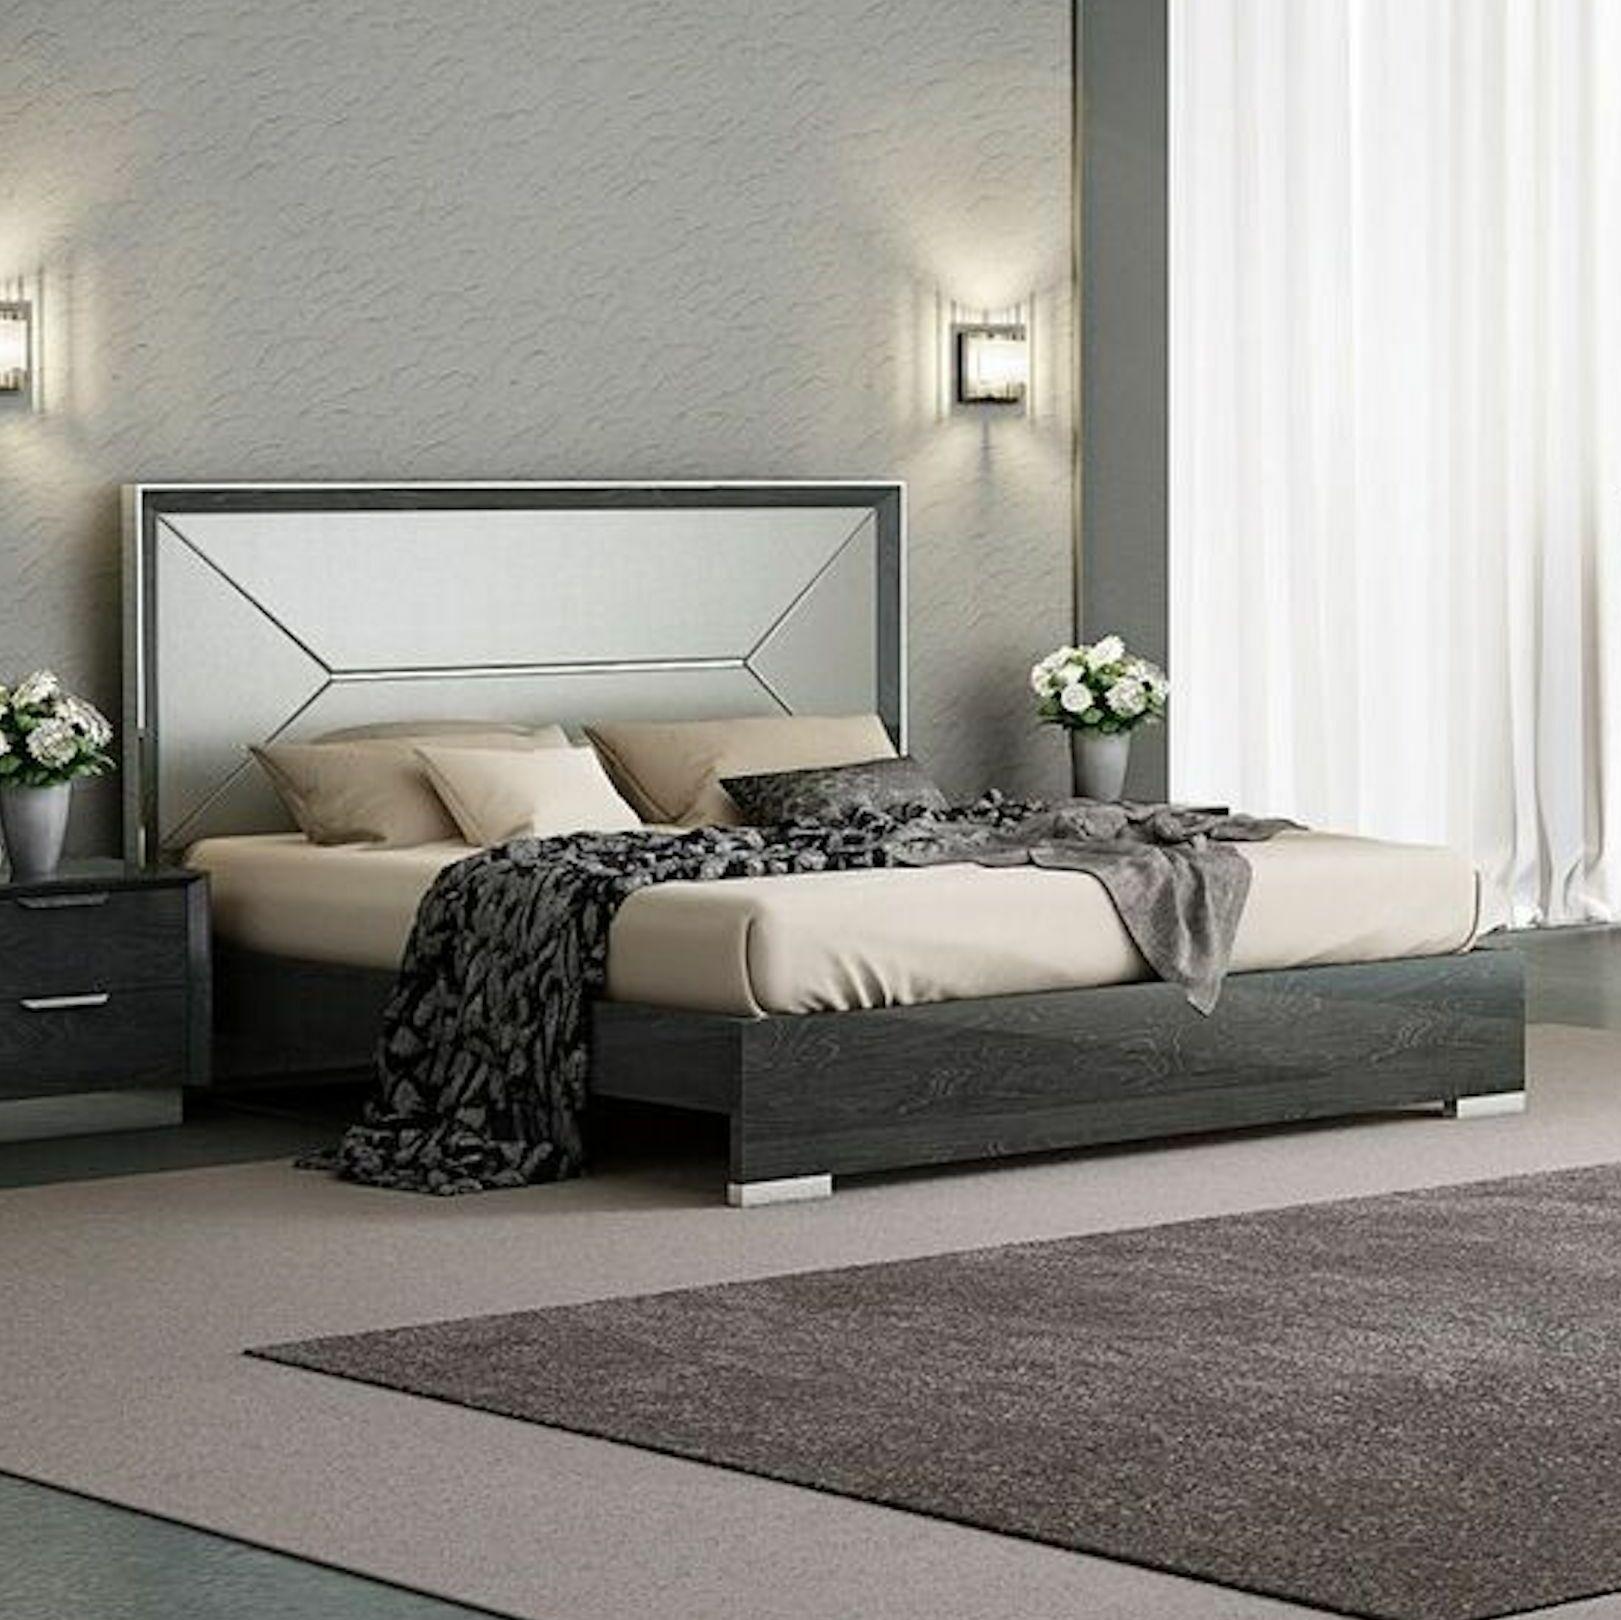 Aspinwall Upholstered Storage Platform Bed Size: King